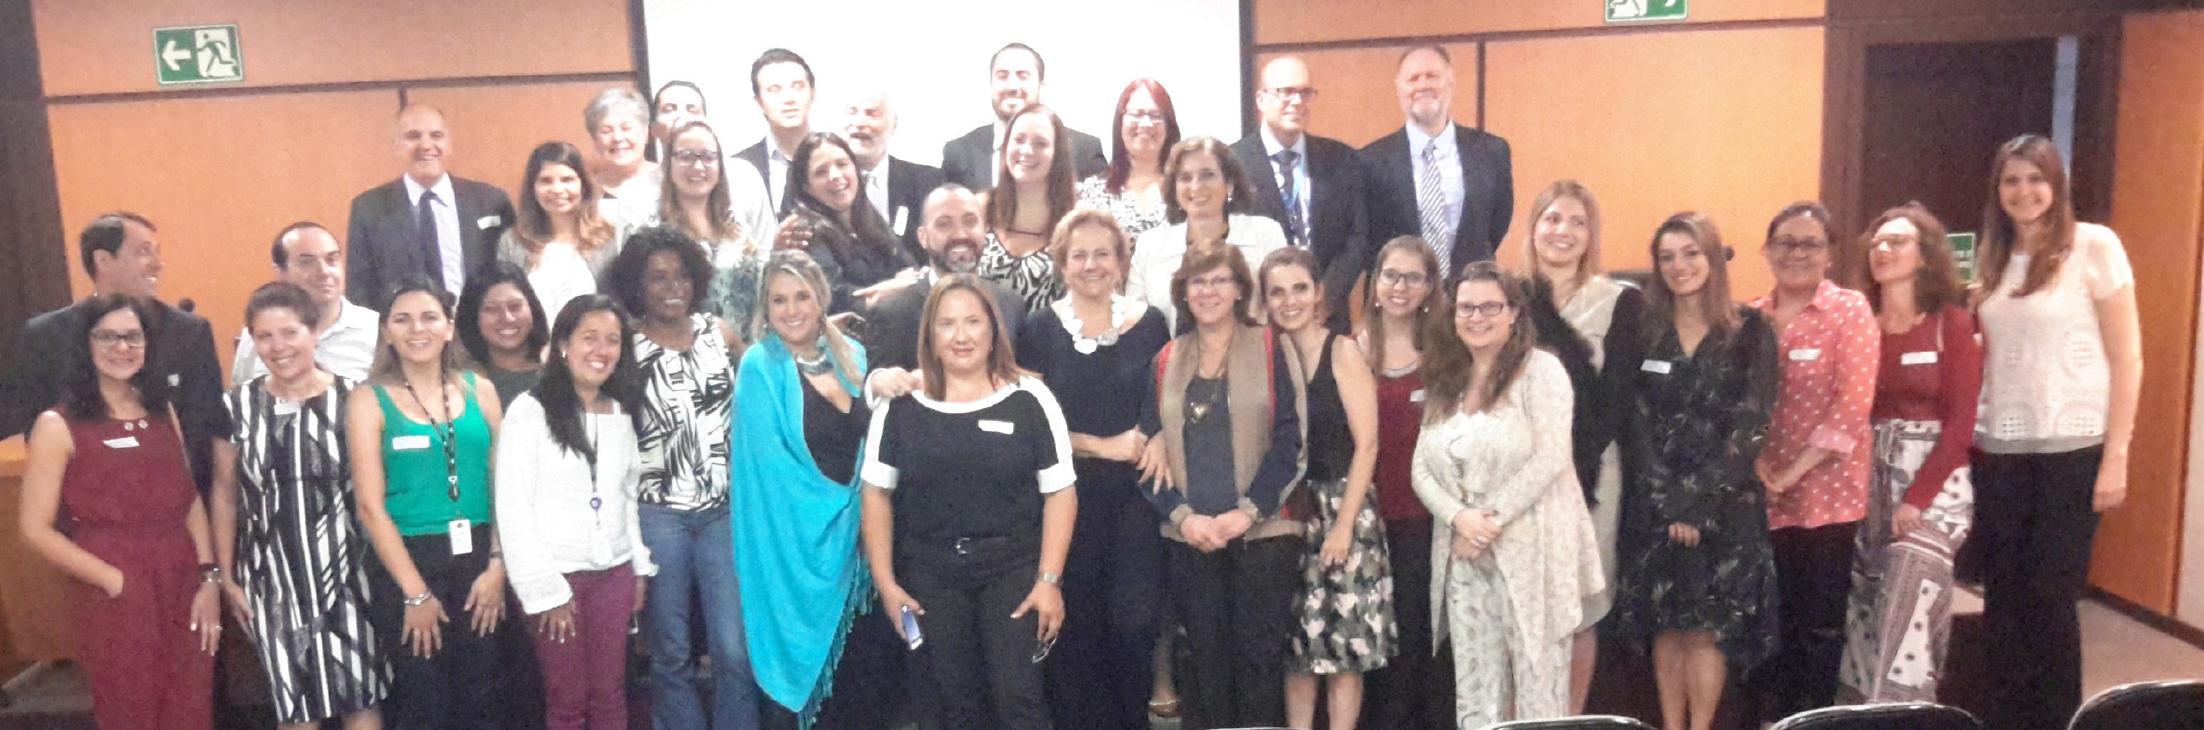 143ª reunião do Comitê de Ouvidoria da Abrarec